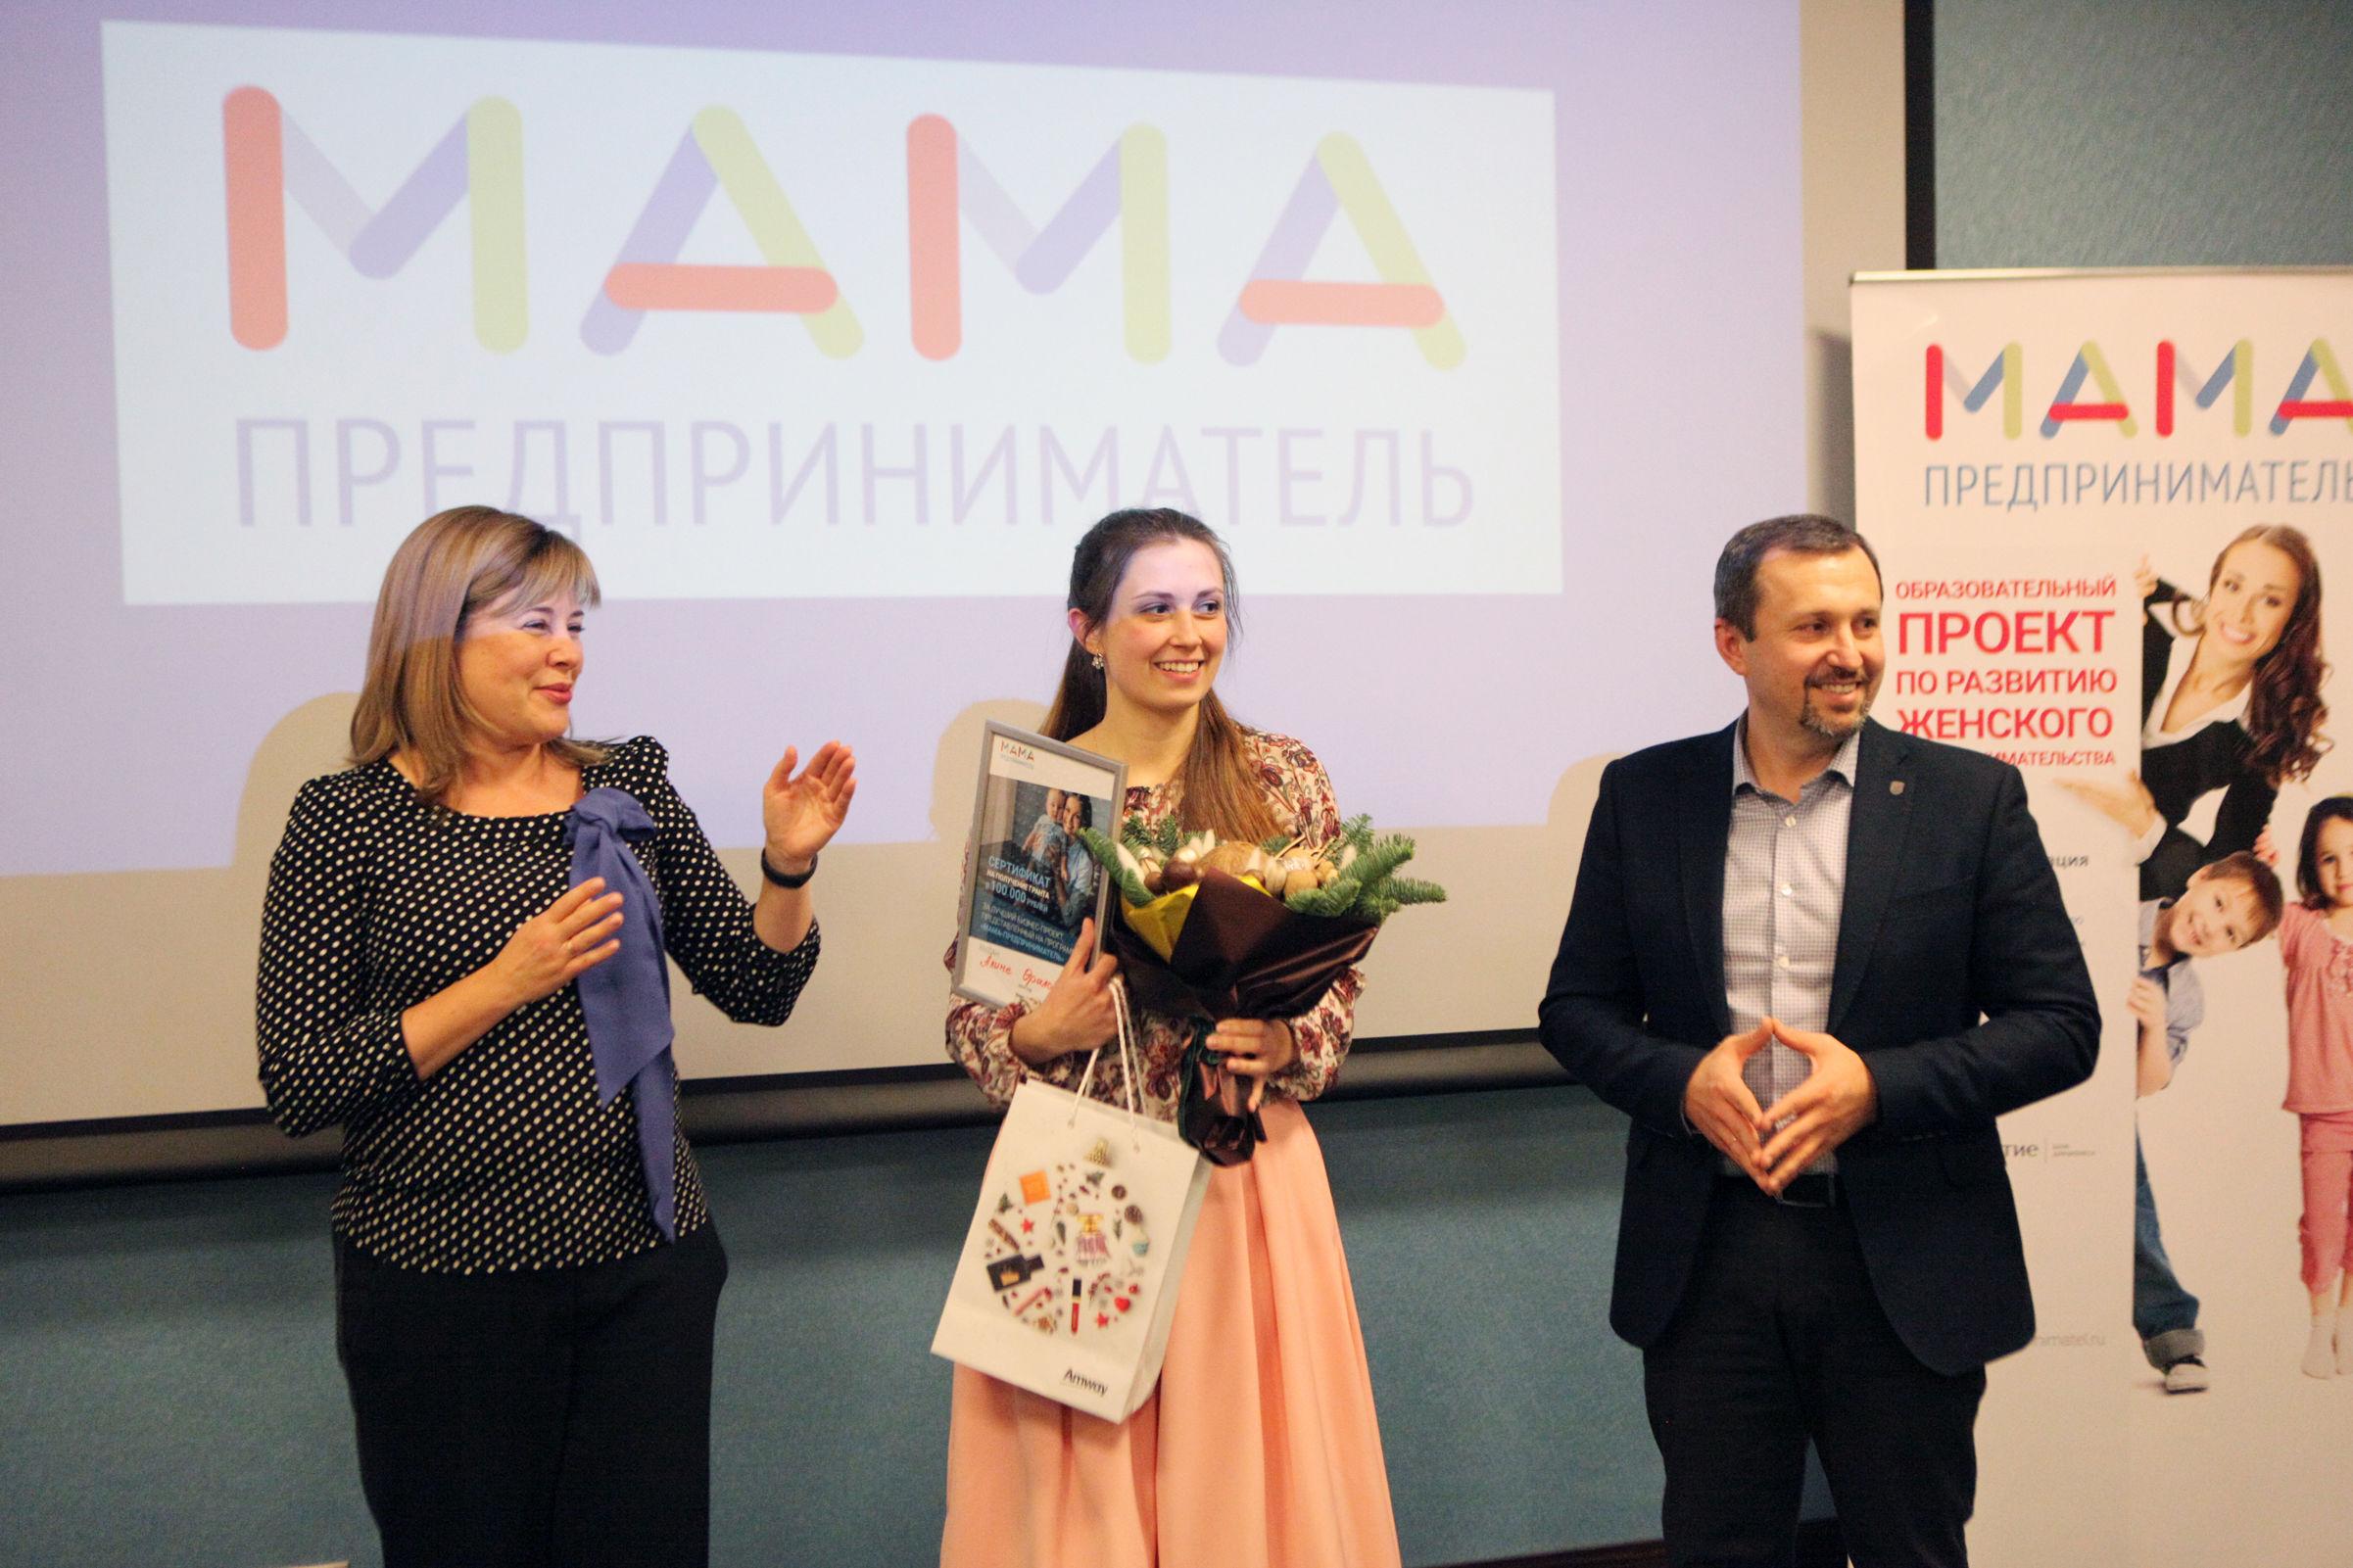 Ярославна выиграла грант в 100 тысяч рублей на создание школы будущих мам